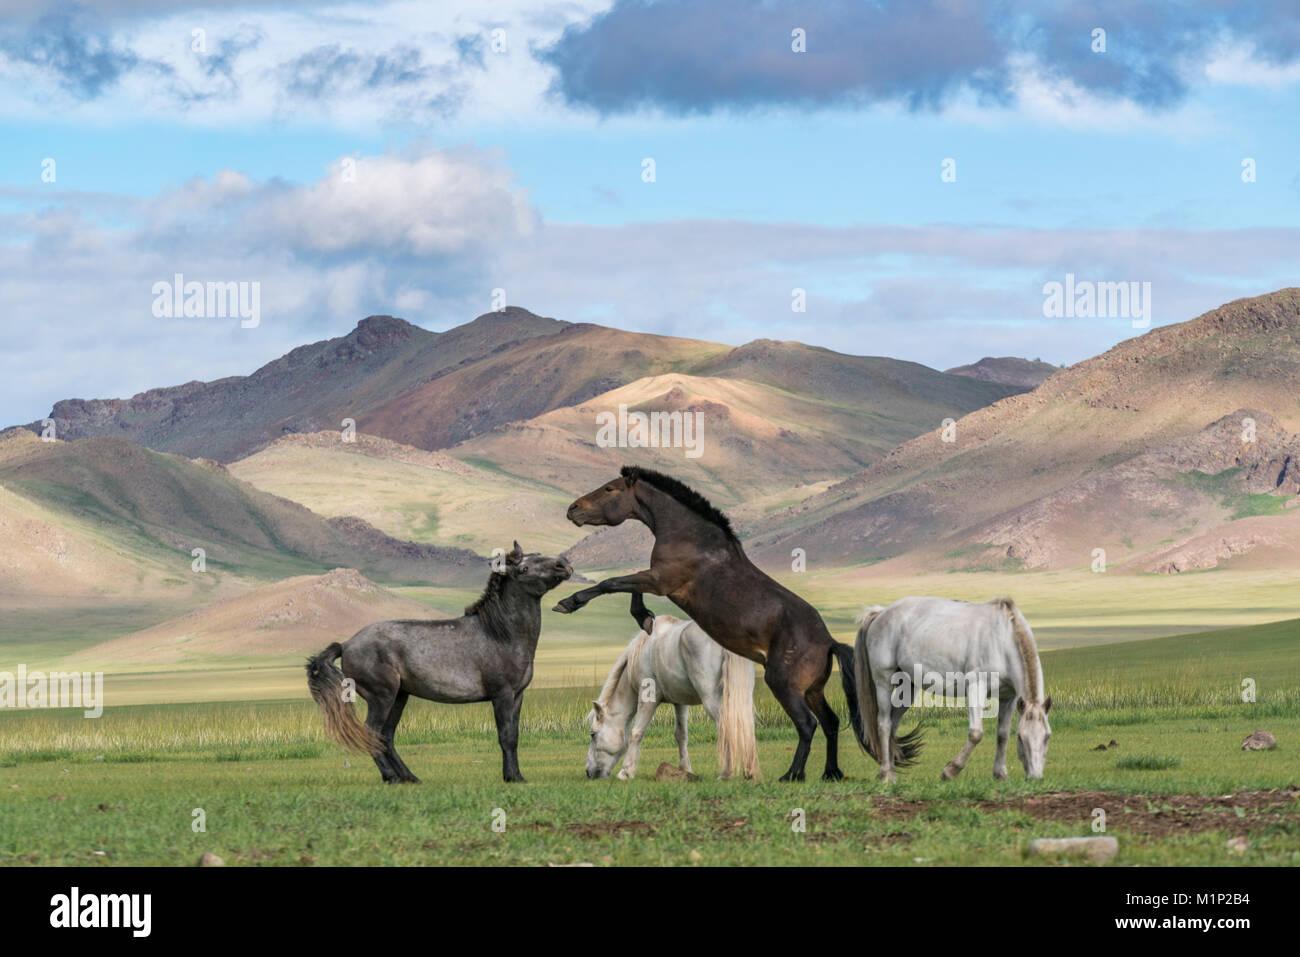 Cavalli selvaggi di giocare e il pascolo e Khangai montagne sullo sfondo, Hovsgol provincia, Mongolia, Asia Centrale, Immagini Stock